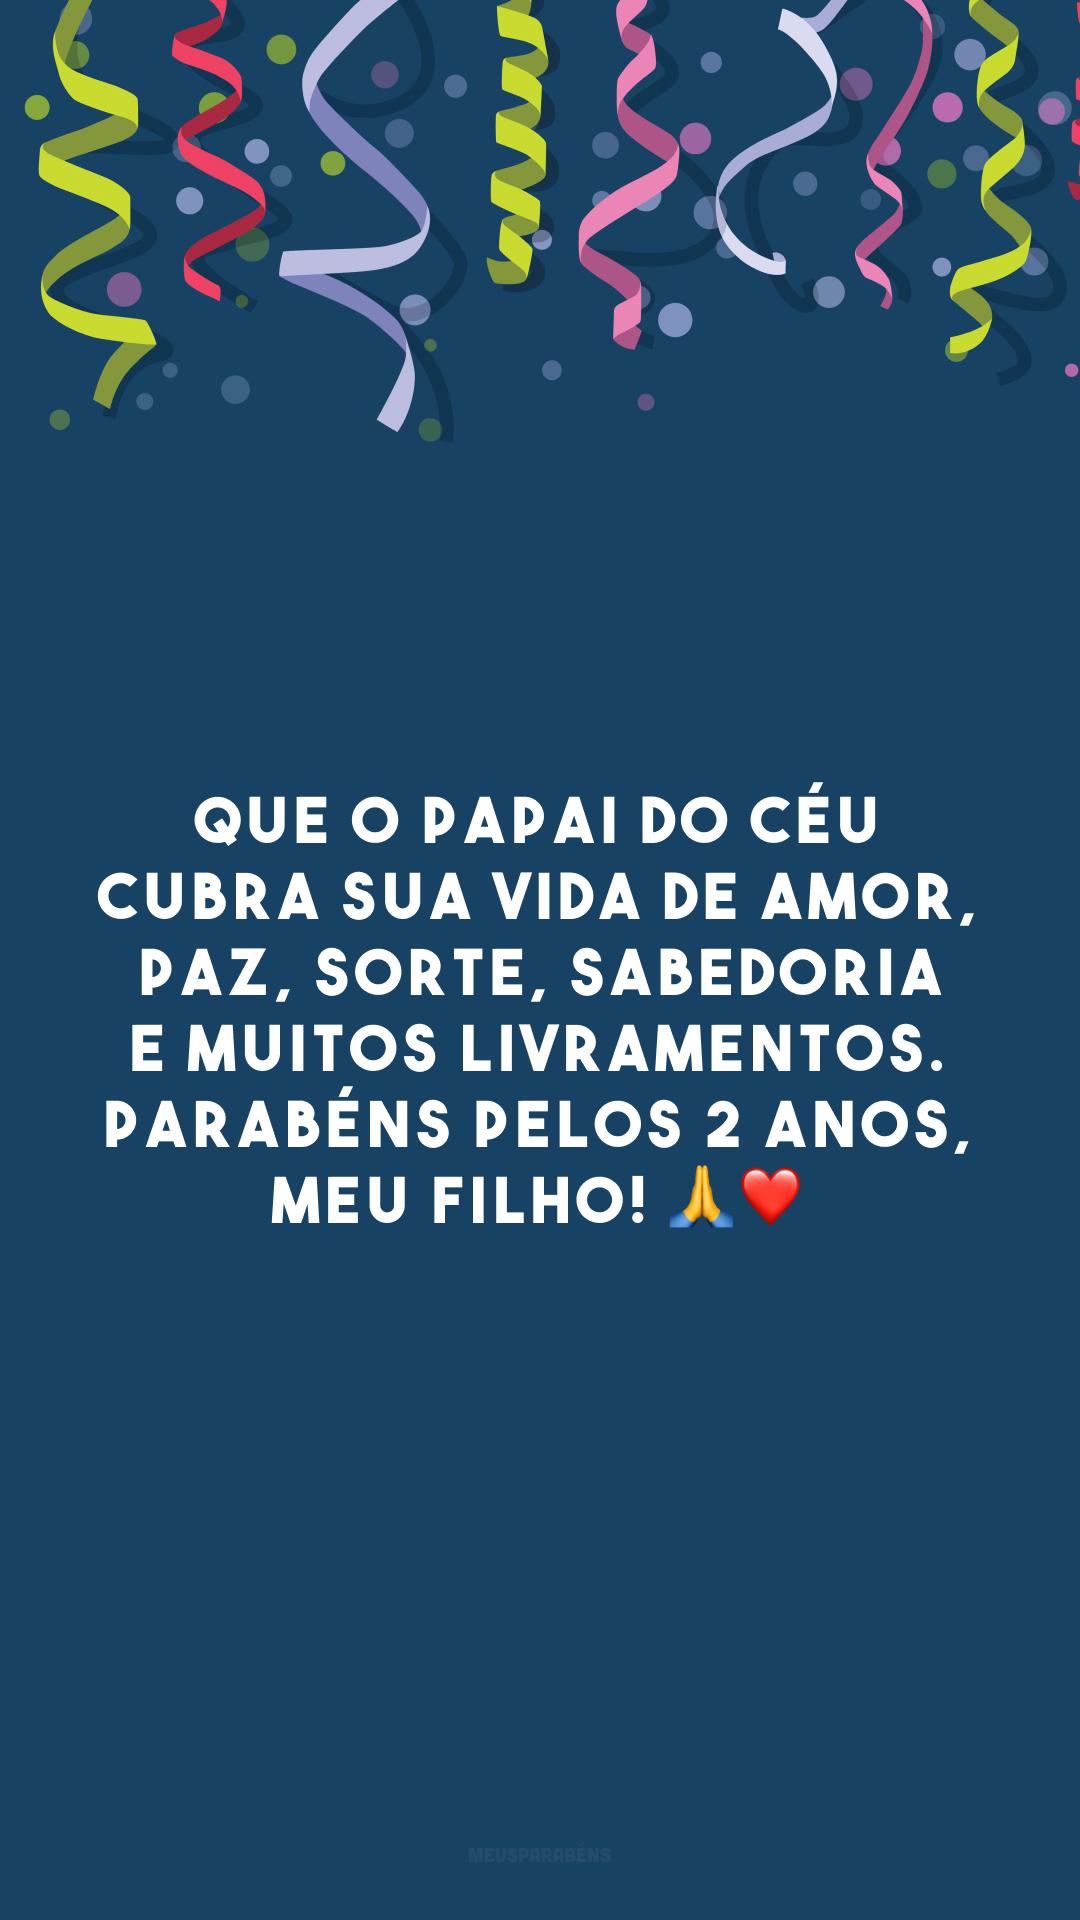 Que o Papai do céu cubra sua vida de amor, paz, sorte, sabedoria e muitos livramentos. Parabéns pelos 2 anos, meu filho! 🙏❤️